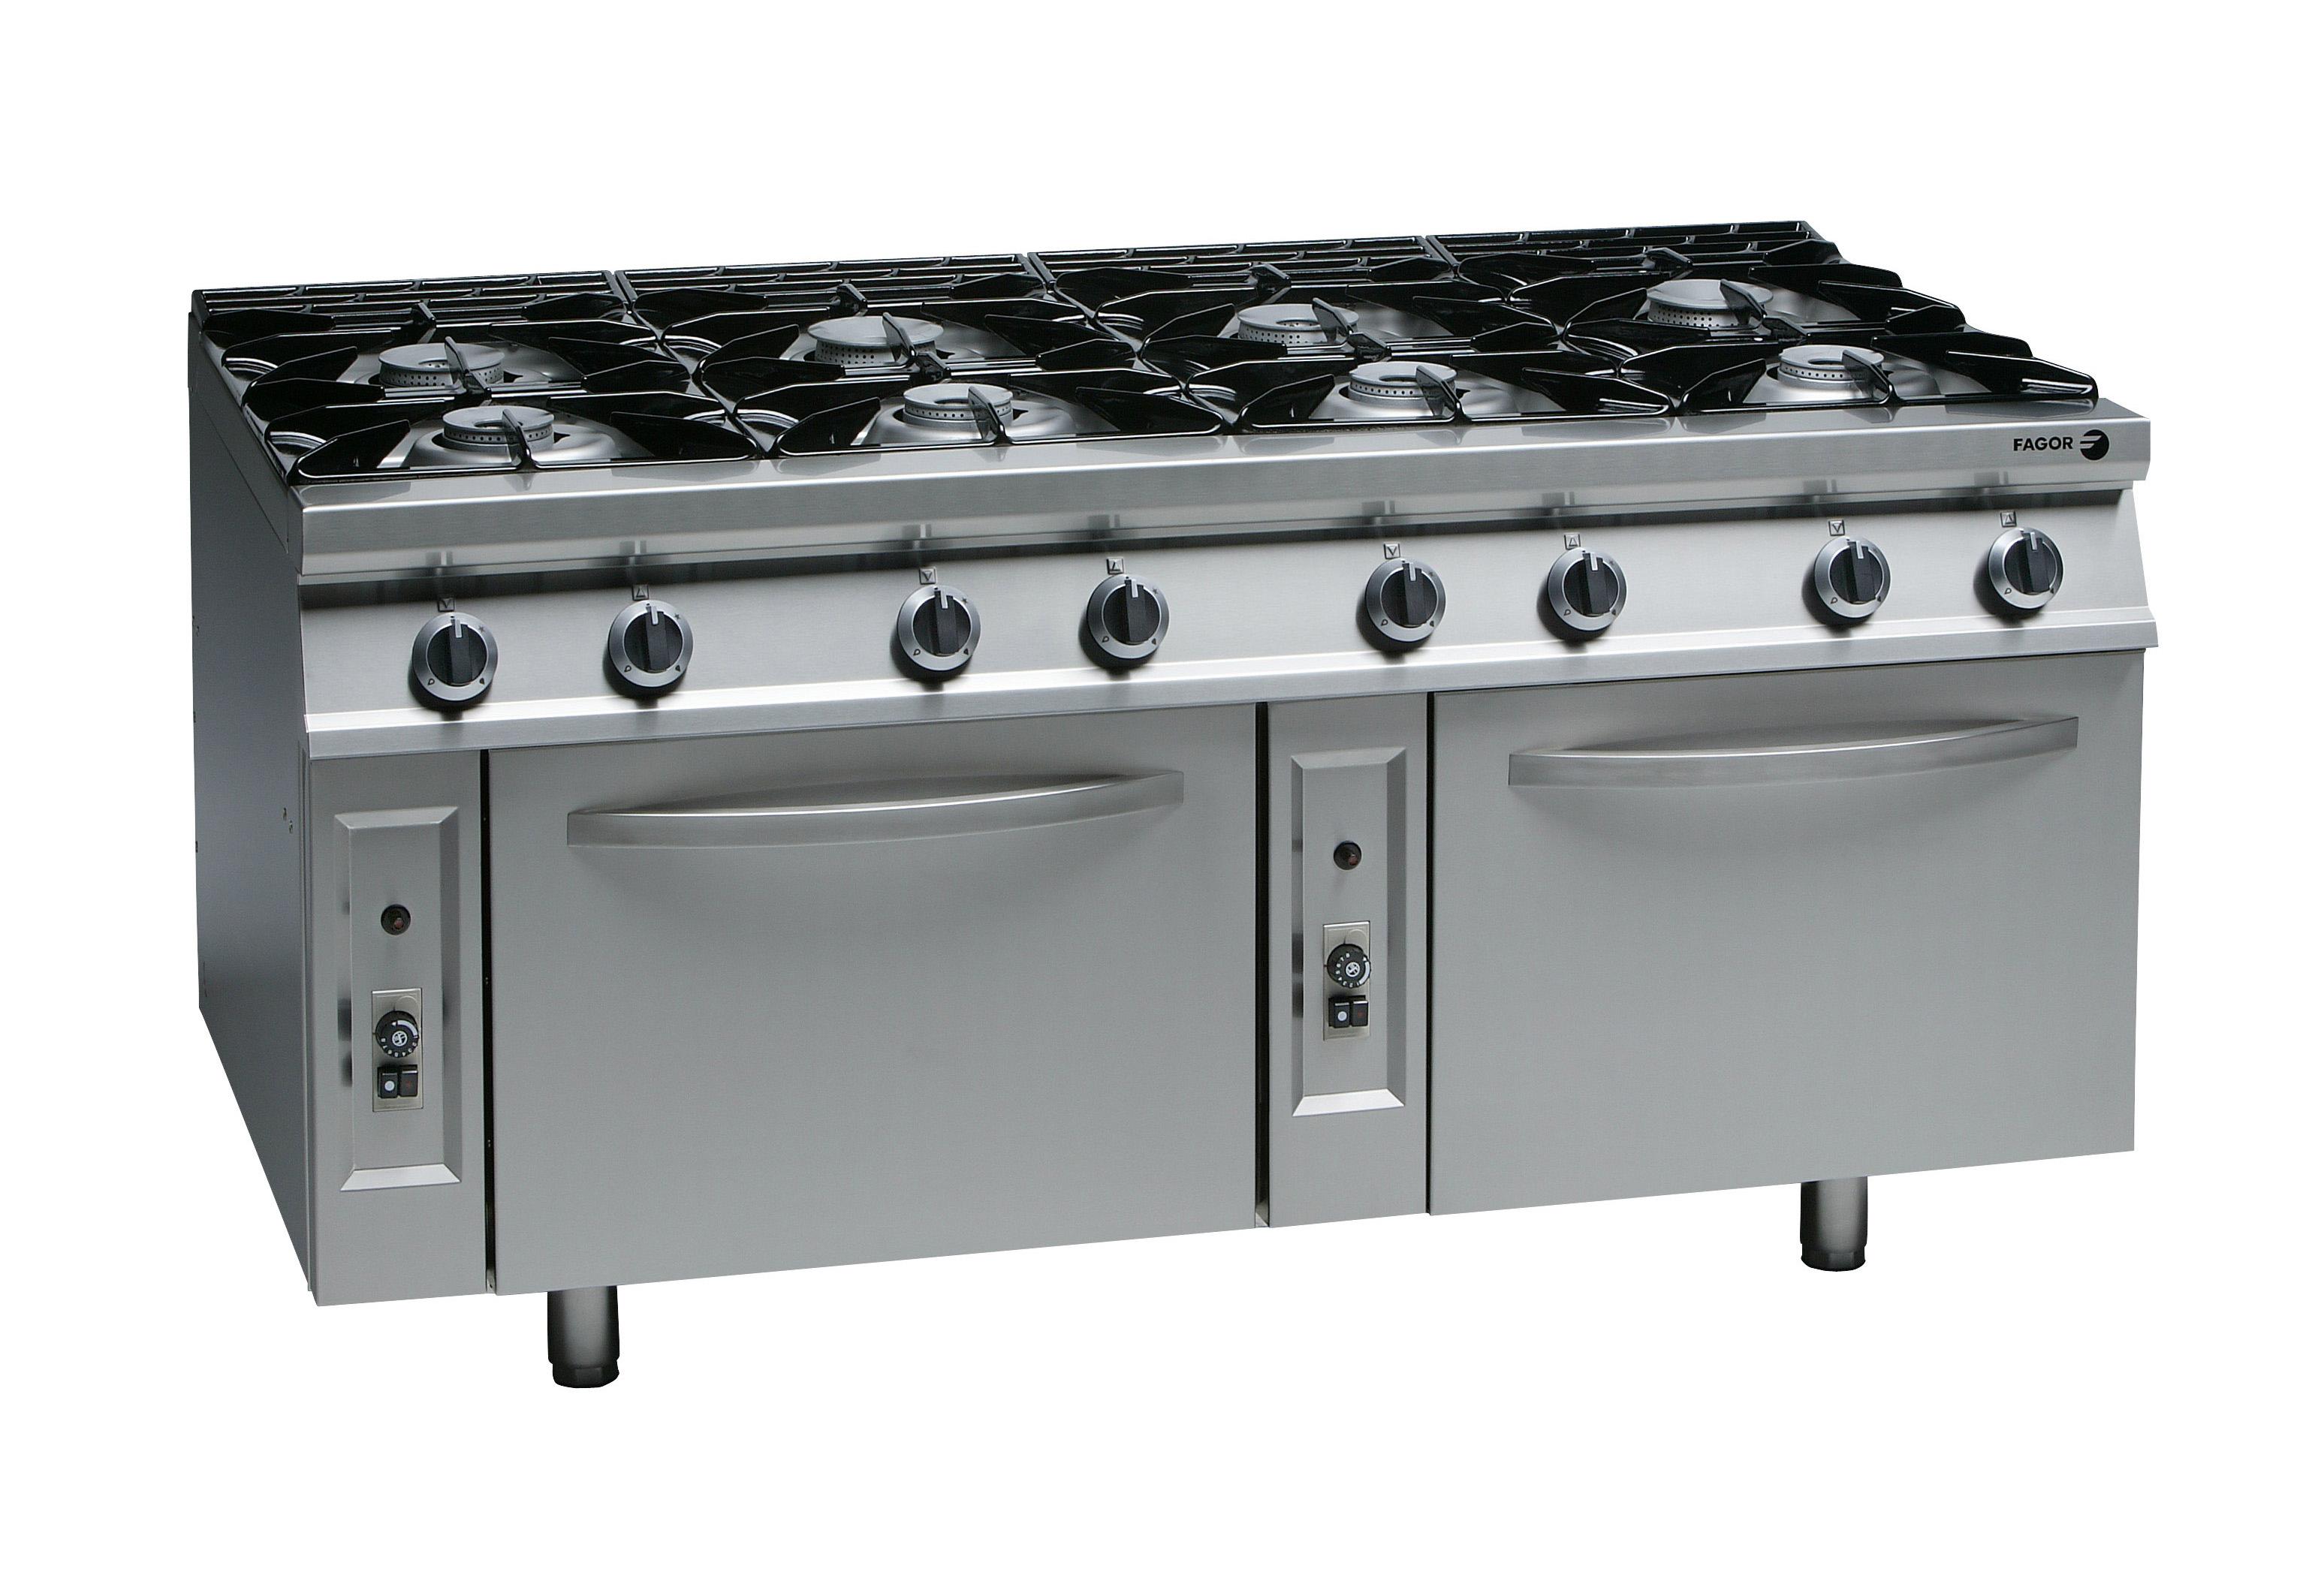 Cocina a gas fuego abierto con horno cg9 82 fagor for Distribucion de cocinas industriales